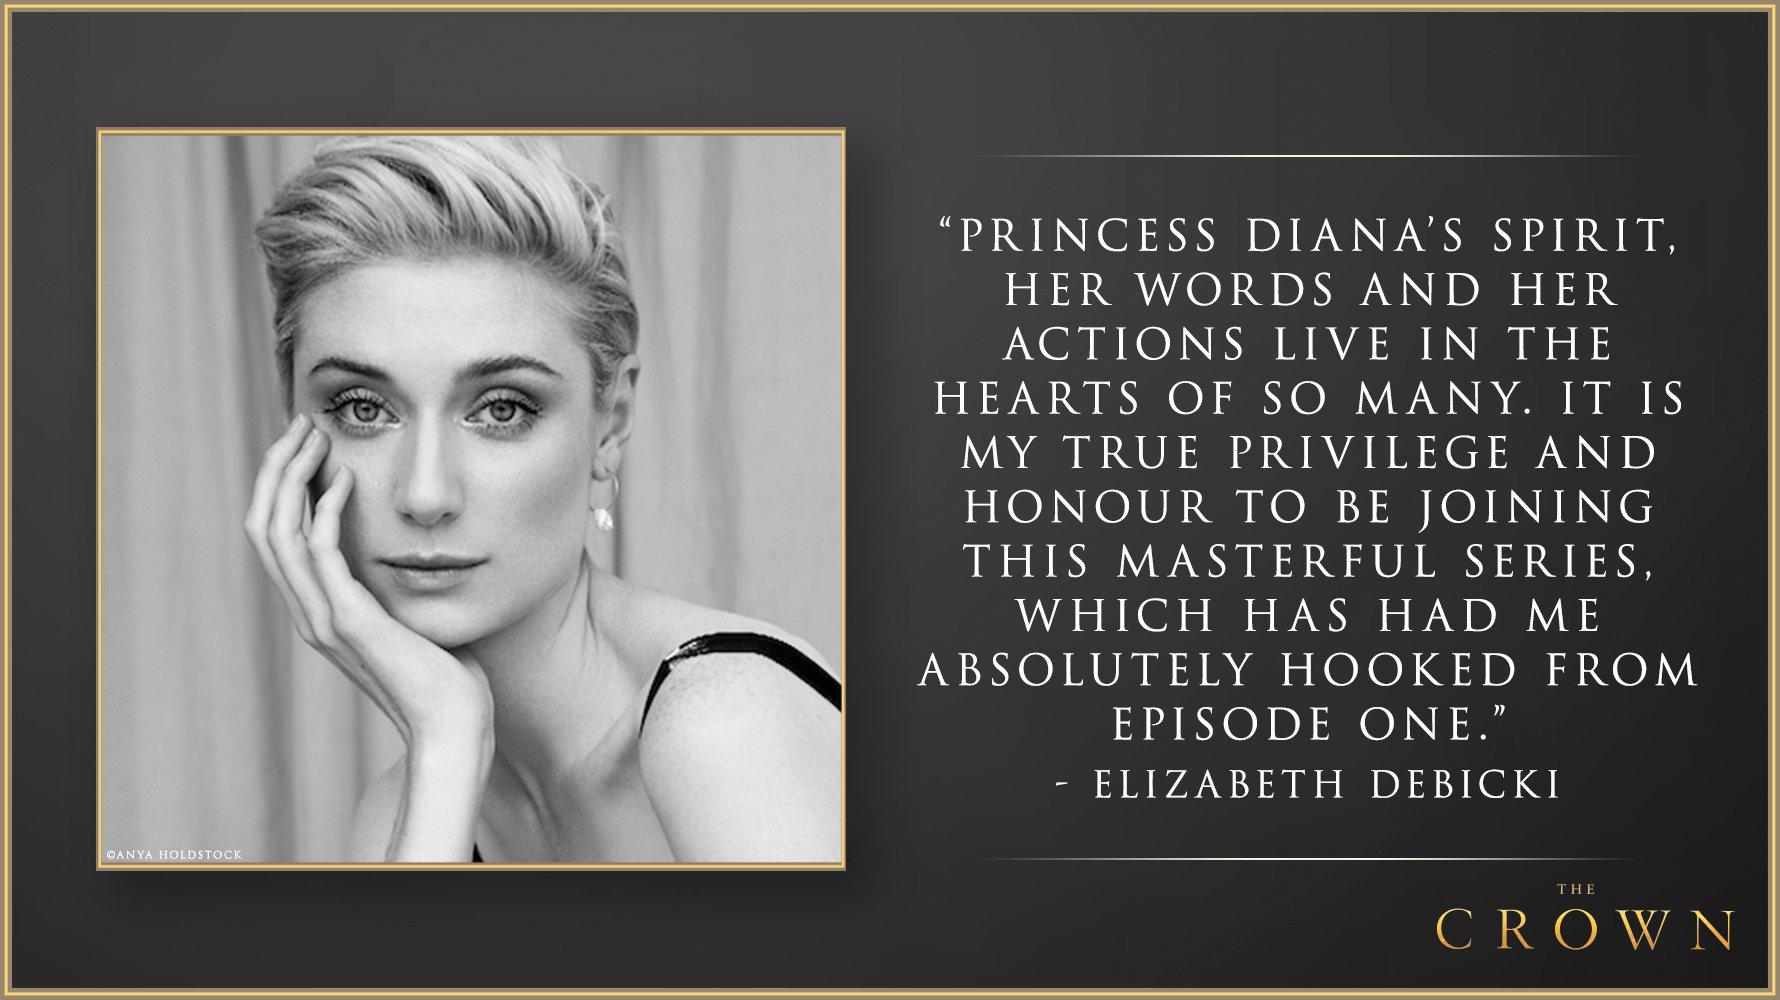 黛妃風華 Elizabeth Bebicki 將再現傳奇王妃的人生故事